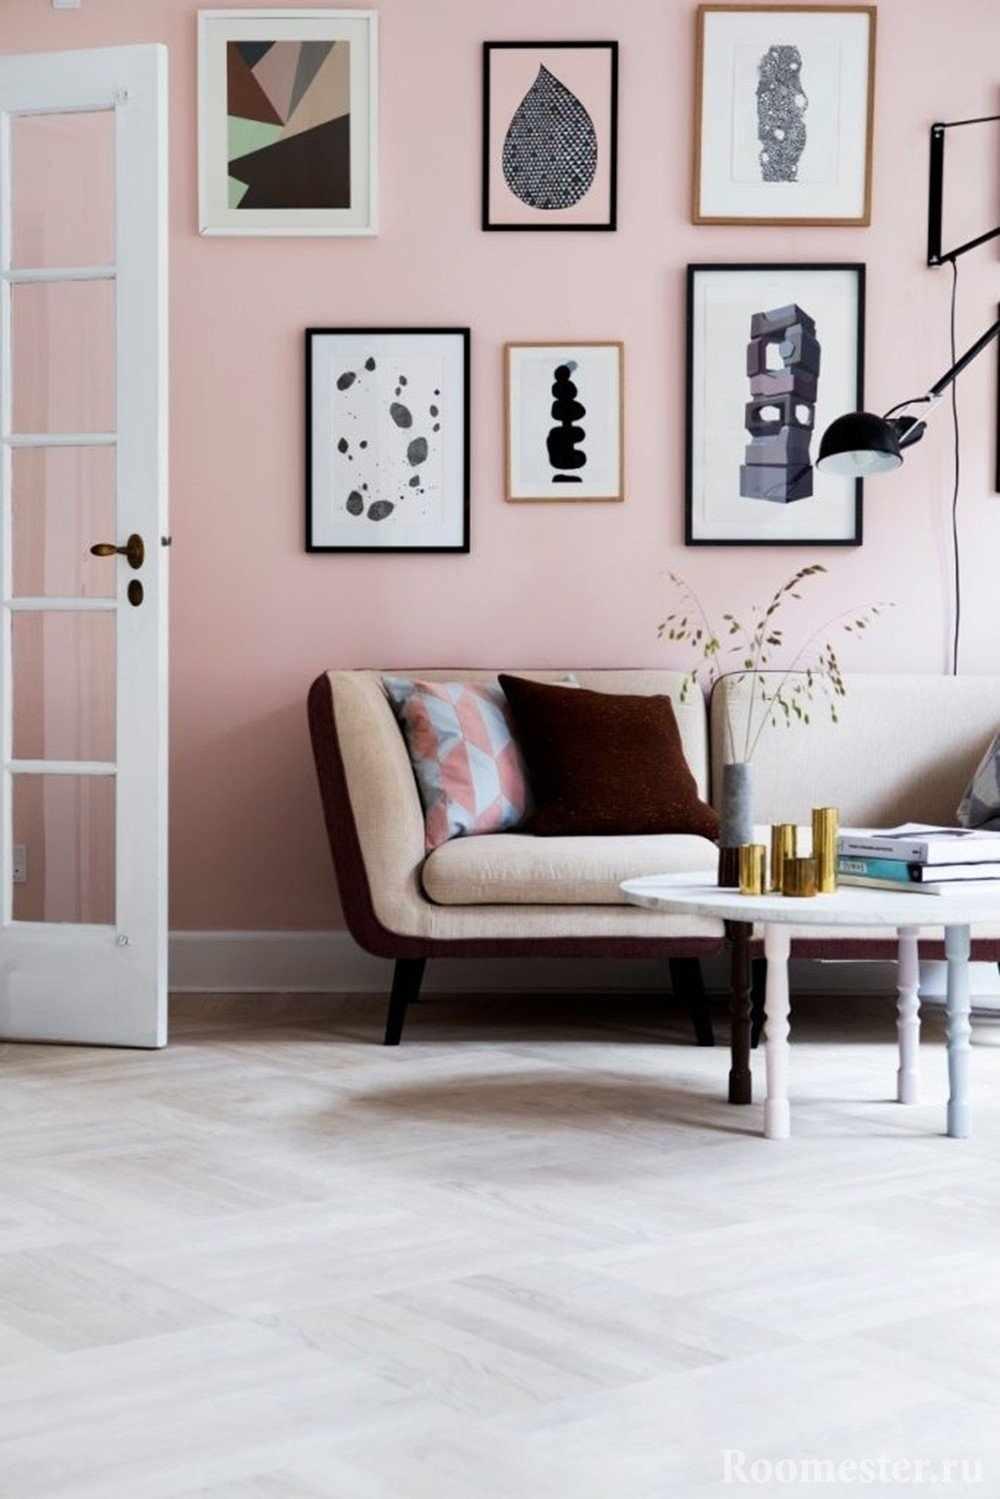 Оформление стены в розовом цвете